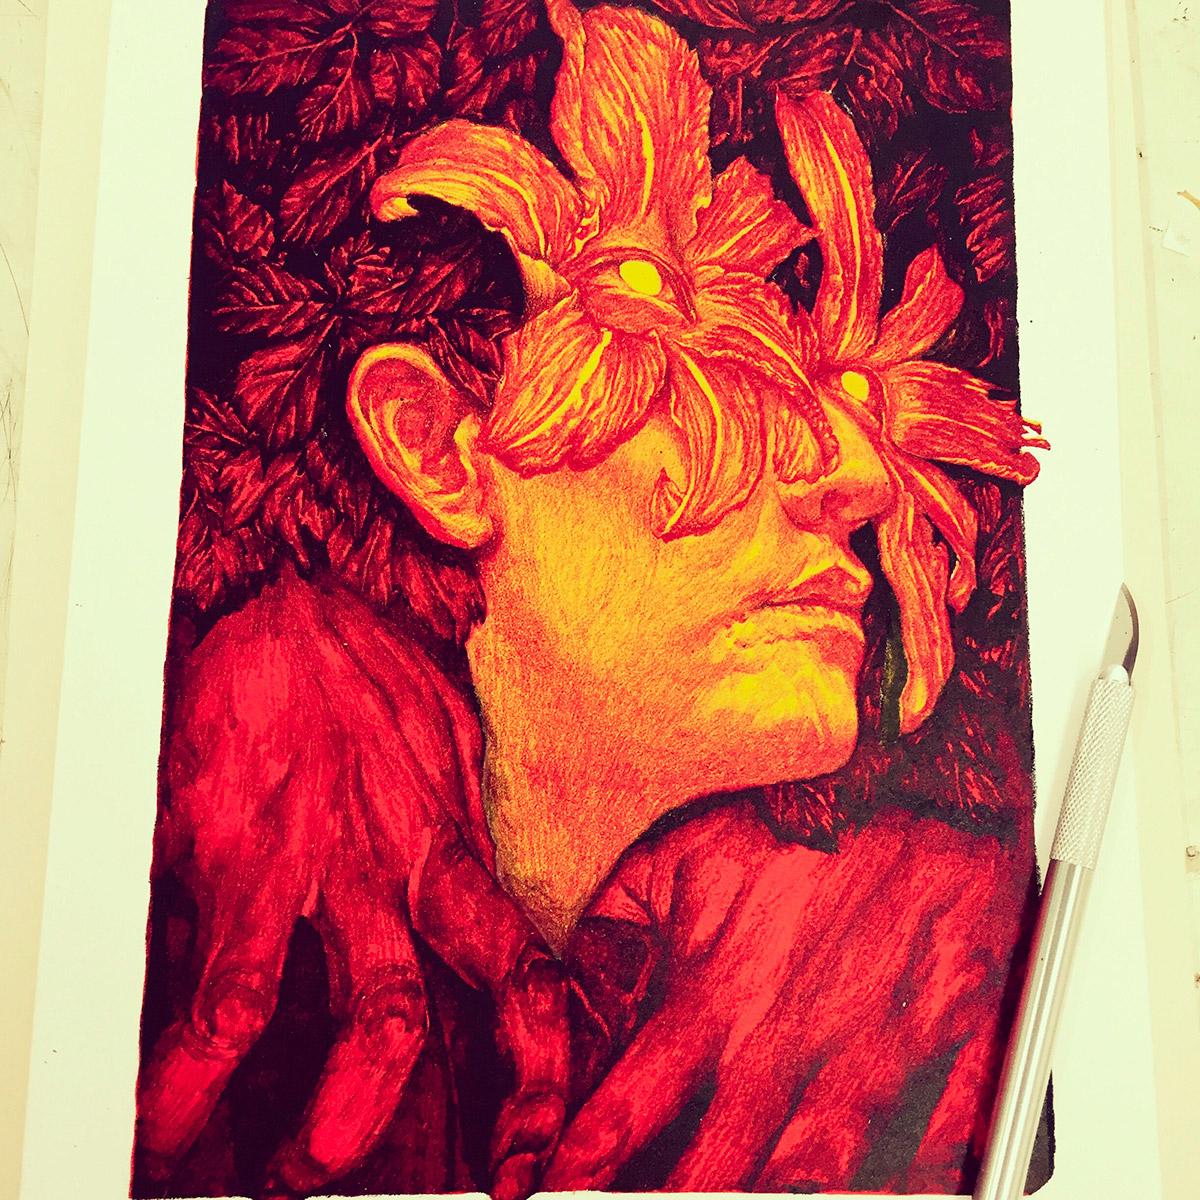 Dark Illustrations by So PineNut